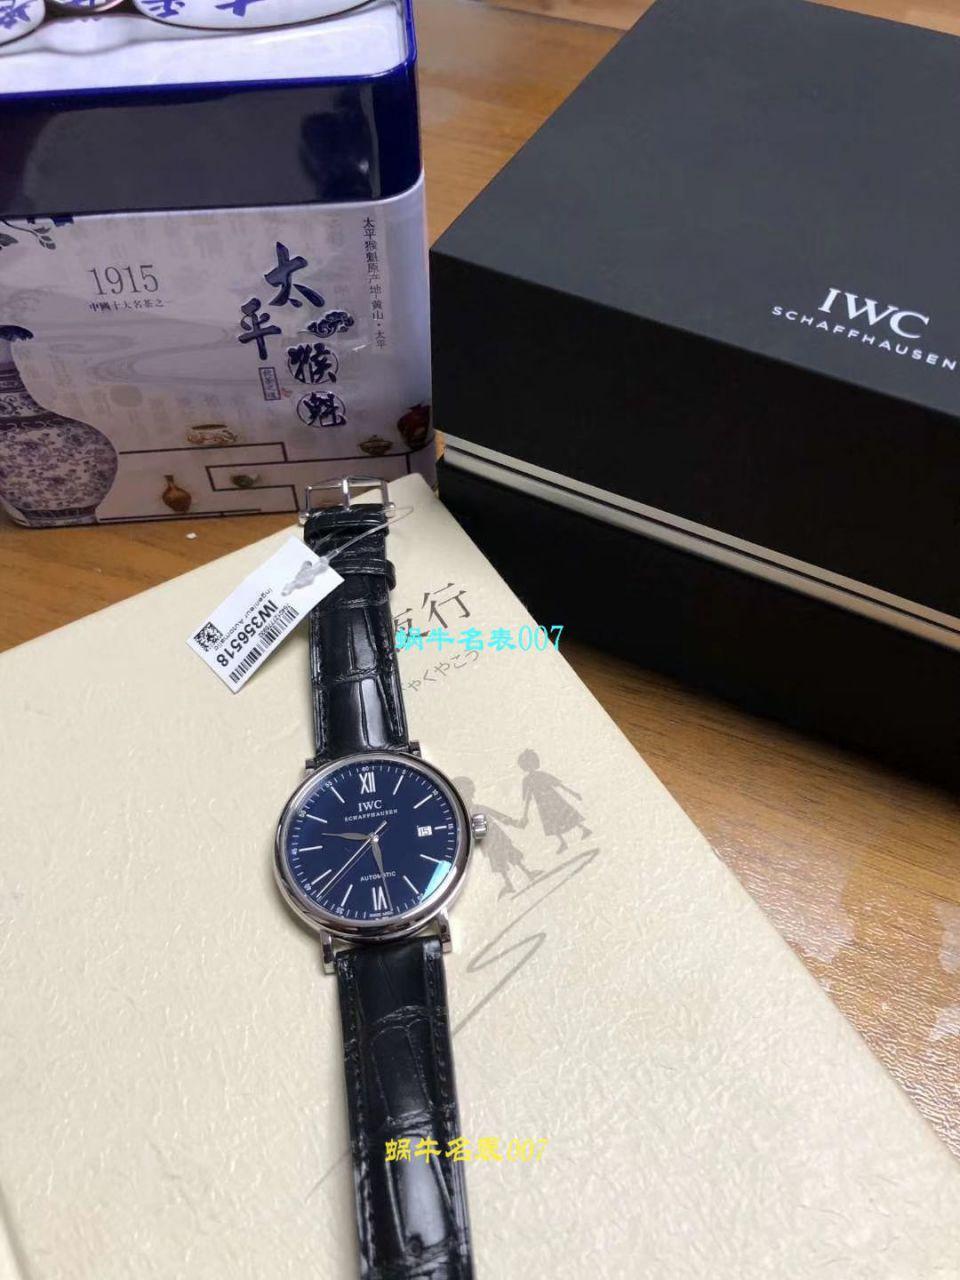 IWC万国表柏涛菲诺系列IW356501腕表【专柜原单】渠道出口订单!原封!缺个经销商印章就是正品!